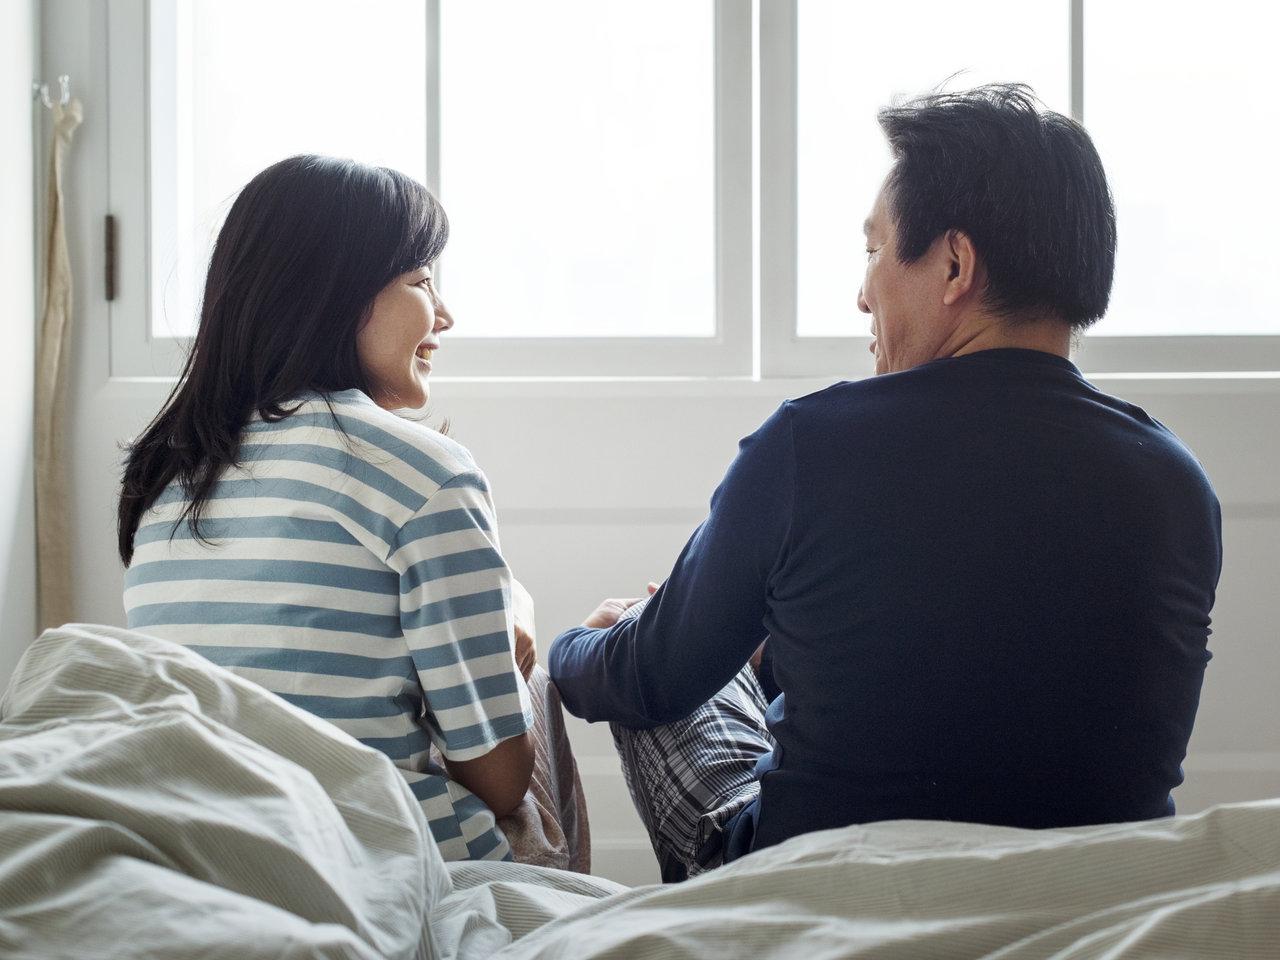 セックスレス期間に夫婦で向き合う。絆を深めるきっかけにするには